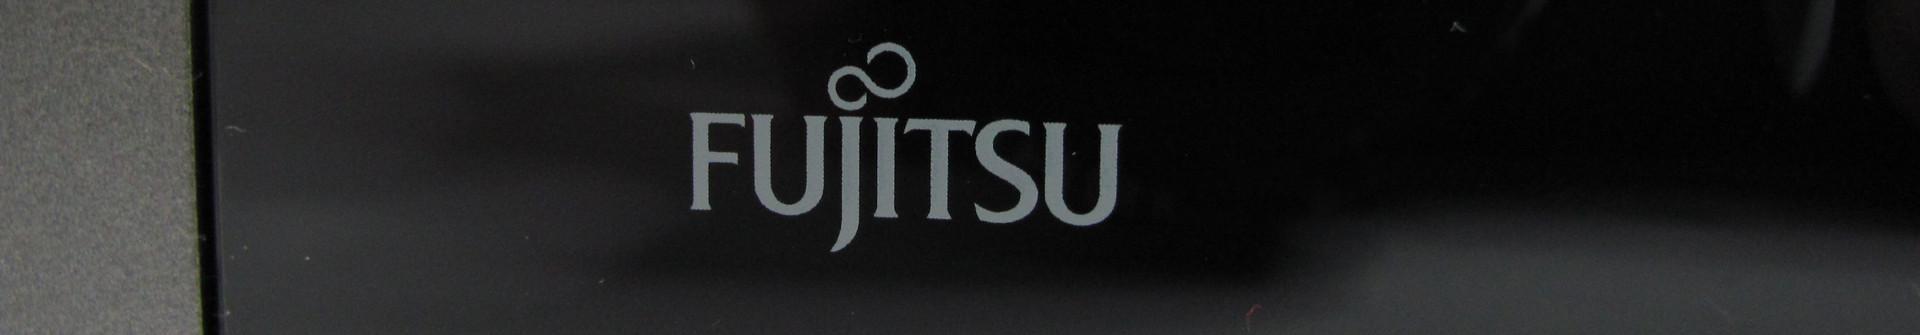 Short Review Fujitsu Esprimo Q1510 Mini Pc Notebookcheck